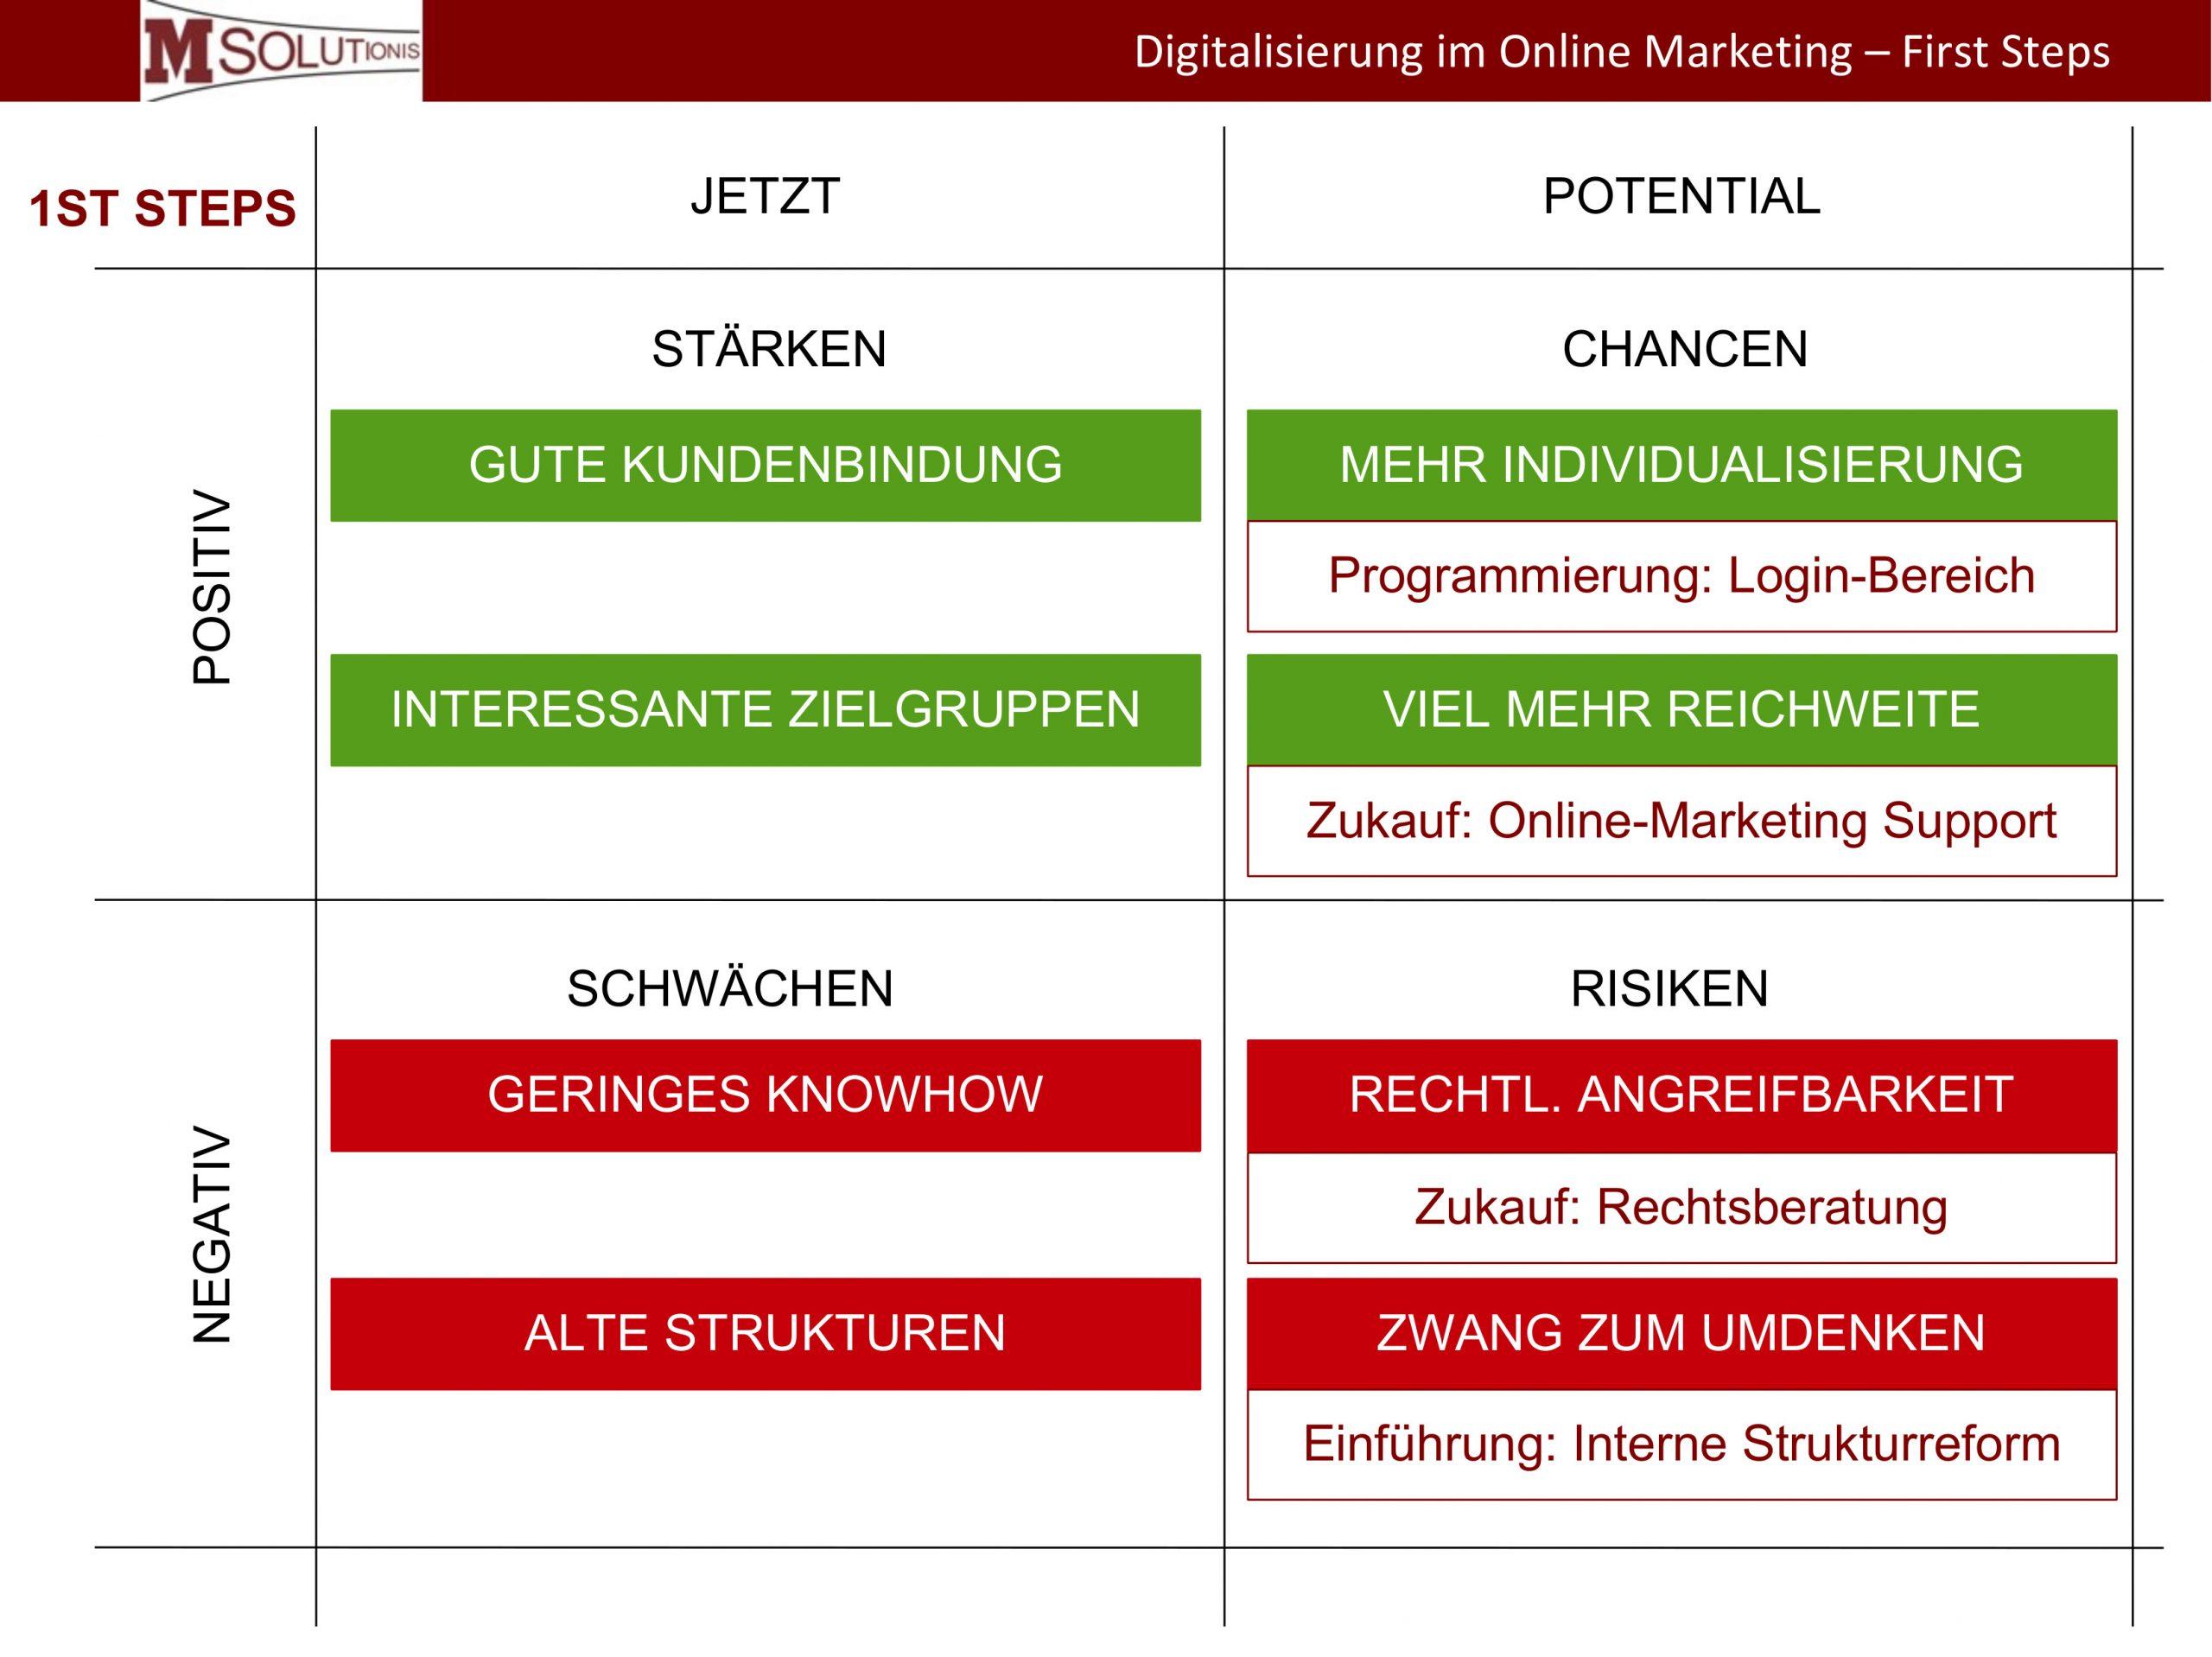 Digitalisierung im Online Marketing